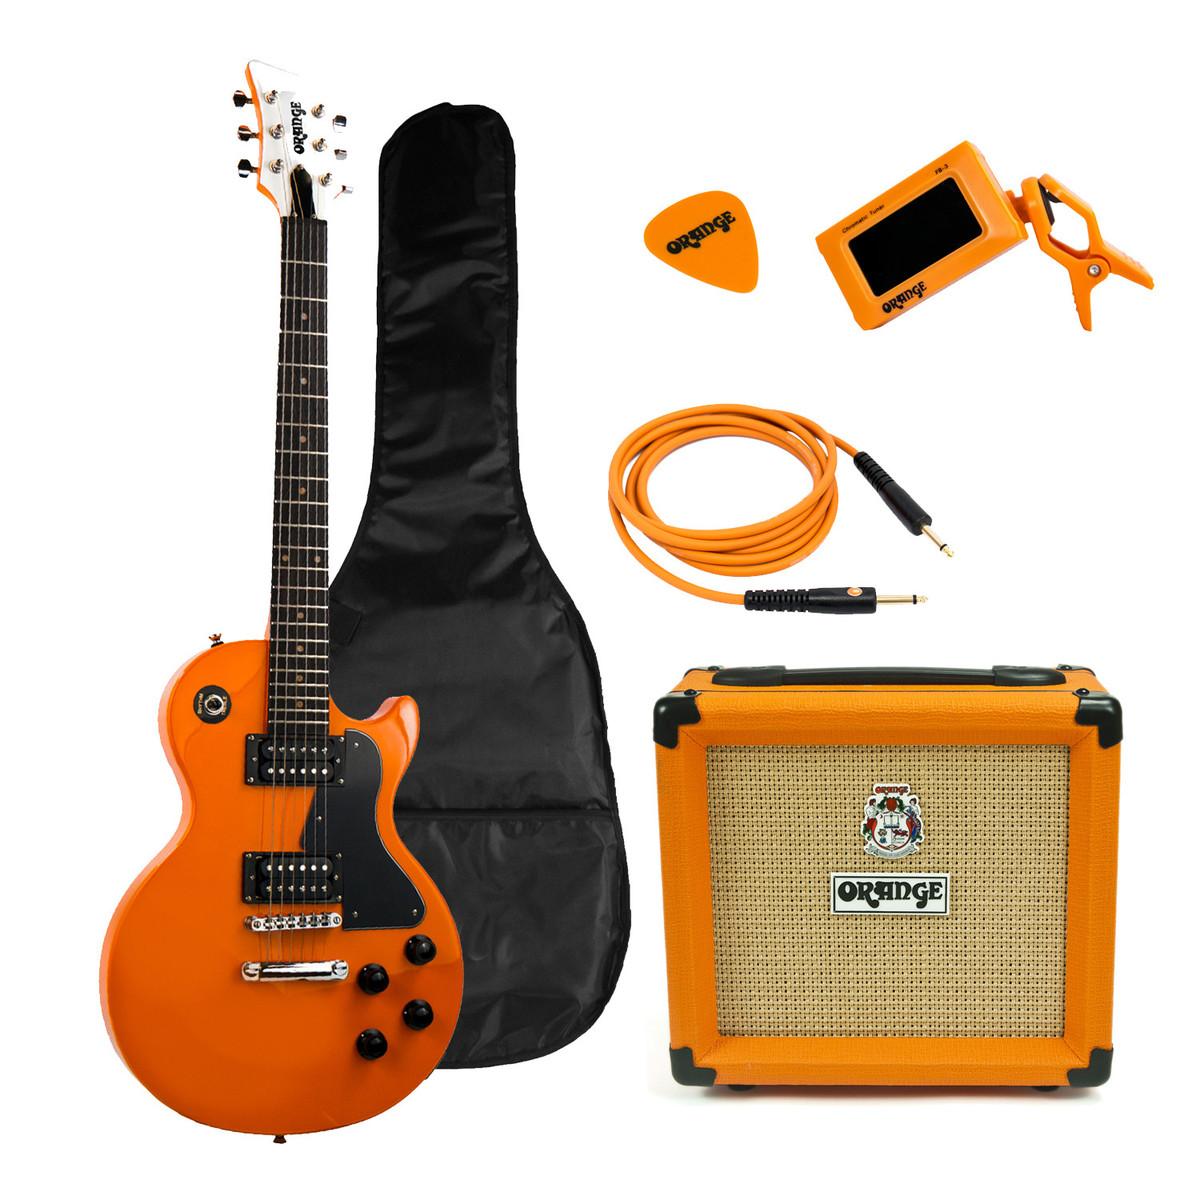 orange crush pix cr12l guitar and amp starter pack orange at gear4music. Black Bedroom Furniture Sets. Home Design Ideas